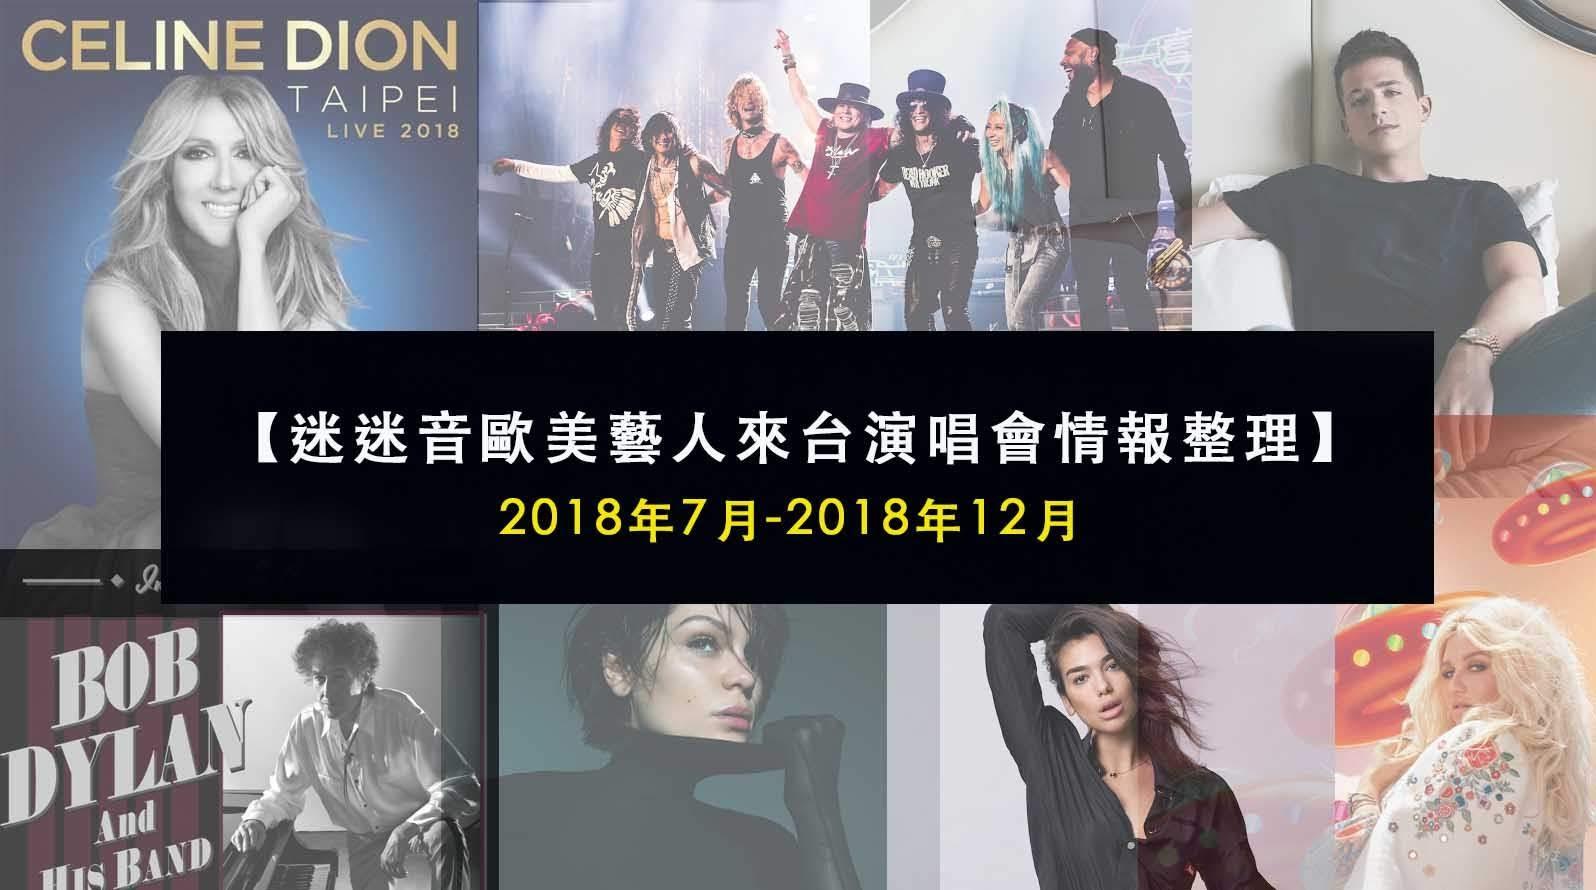 【迷迷音歐美藝人來台演唱會情報整理】2018年7月-2018年12月